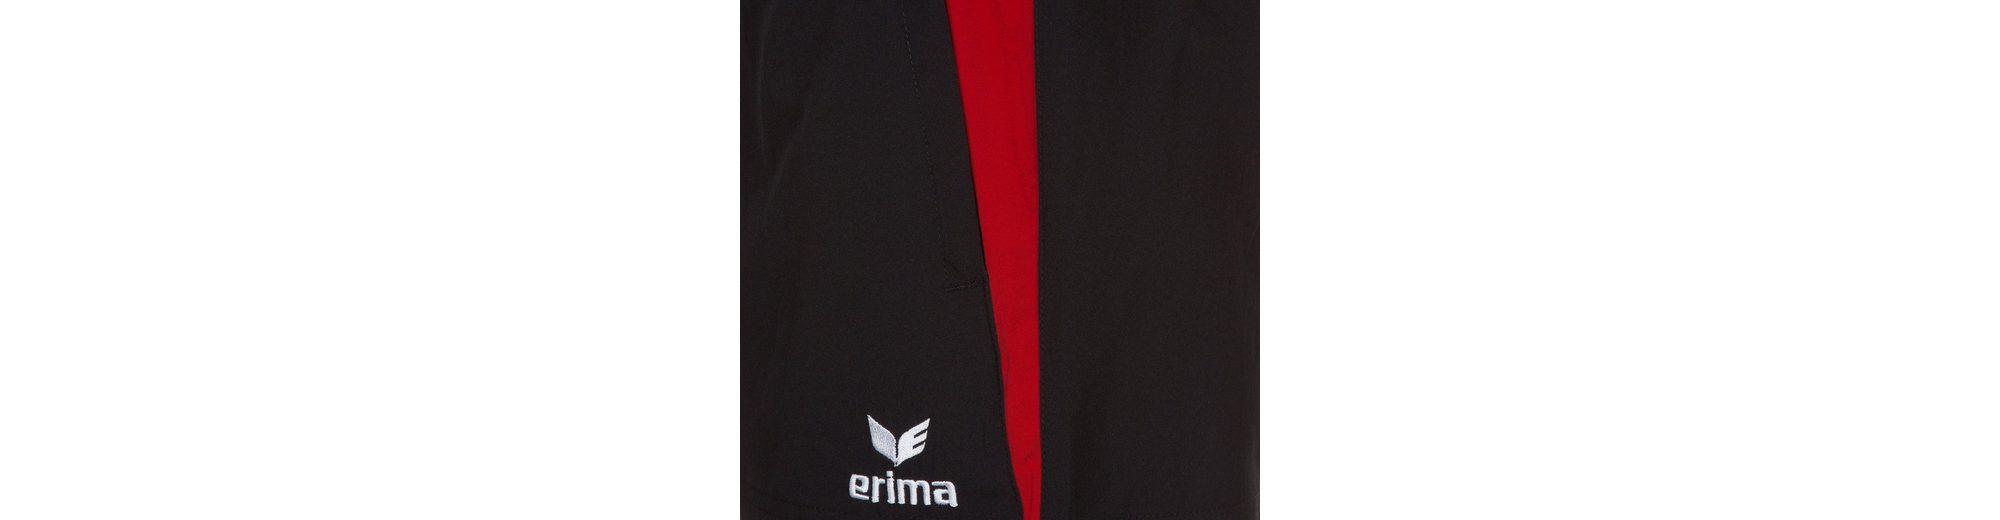 ERIMA Premium One Short Damen Für Schöne Online Bestseller Günstig Online Verkauf Bestseller lQvMRoFX